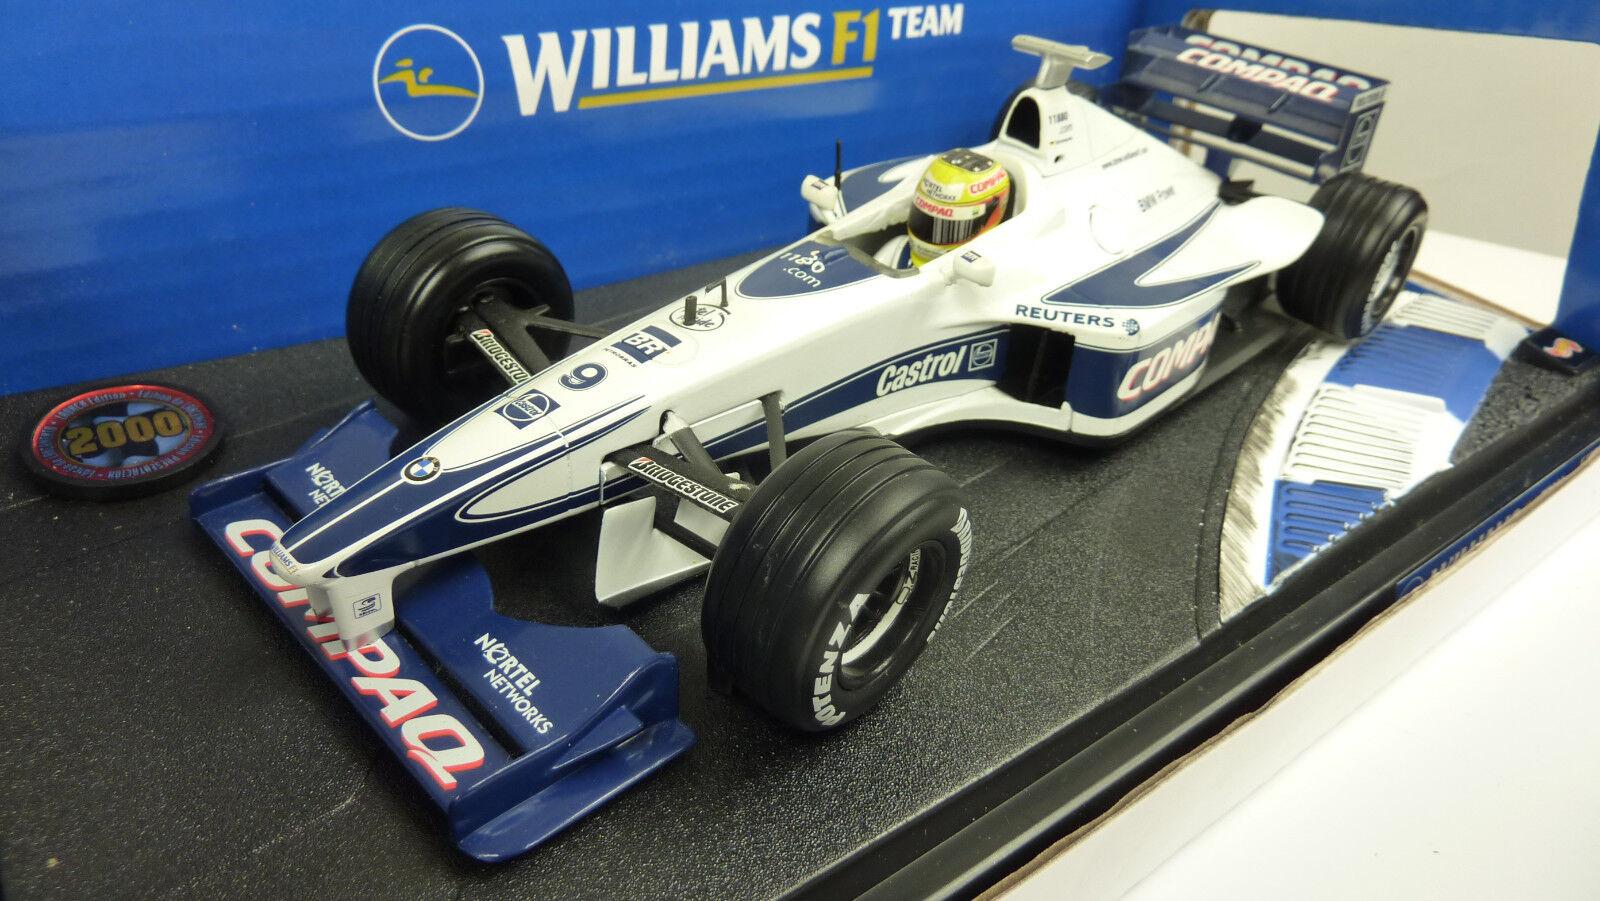 Mattel Hot Wheels 1 18 26696 williams f1 team Ralf Schumacher dans neuf dans sa boîte (a794)